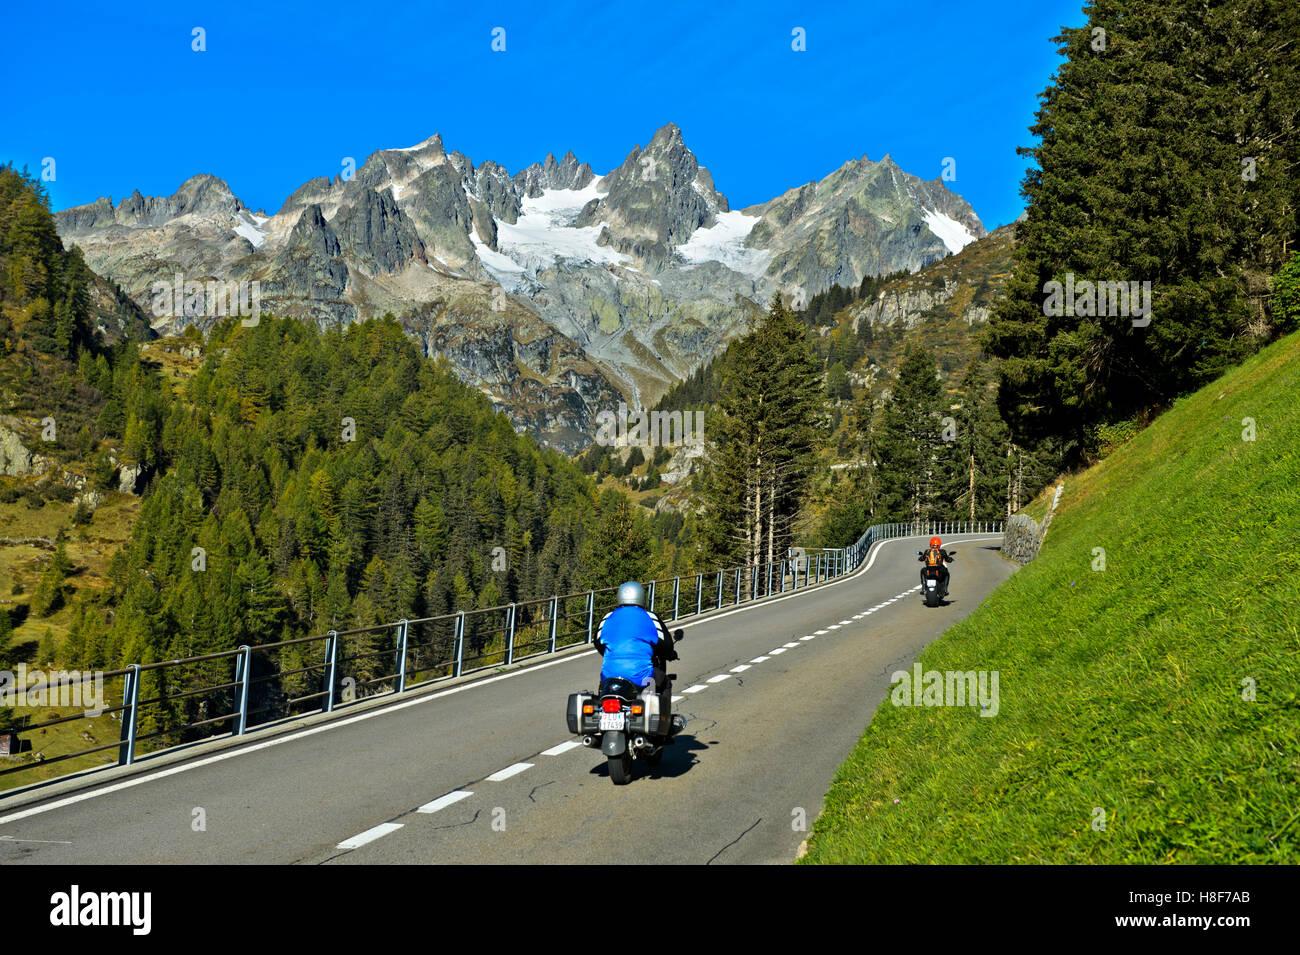 Motorbikes on mountain road, Susten Pass, Uri Alps, Canton of Bern, Switzerland - Stock Image